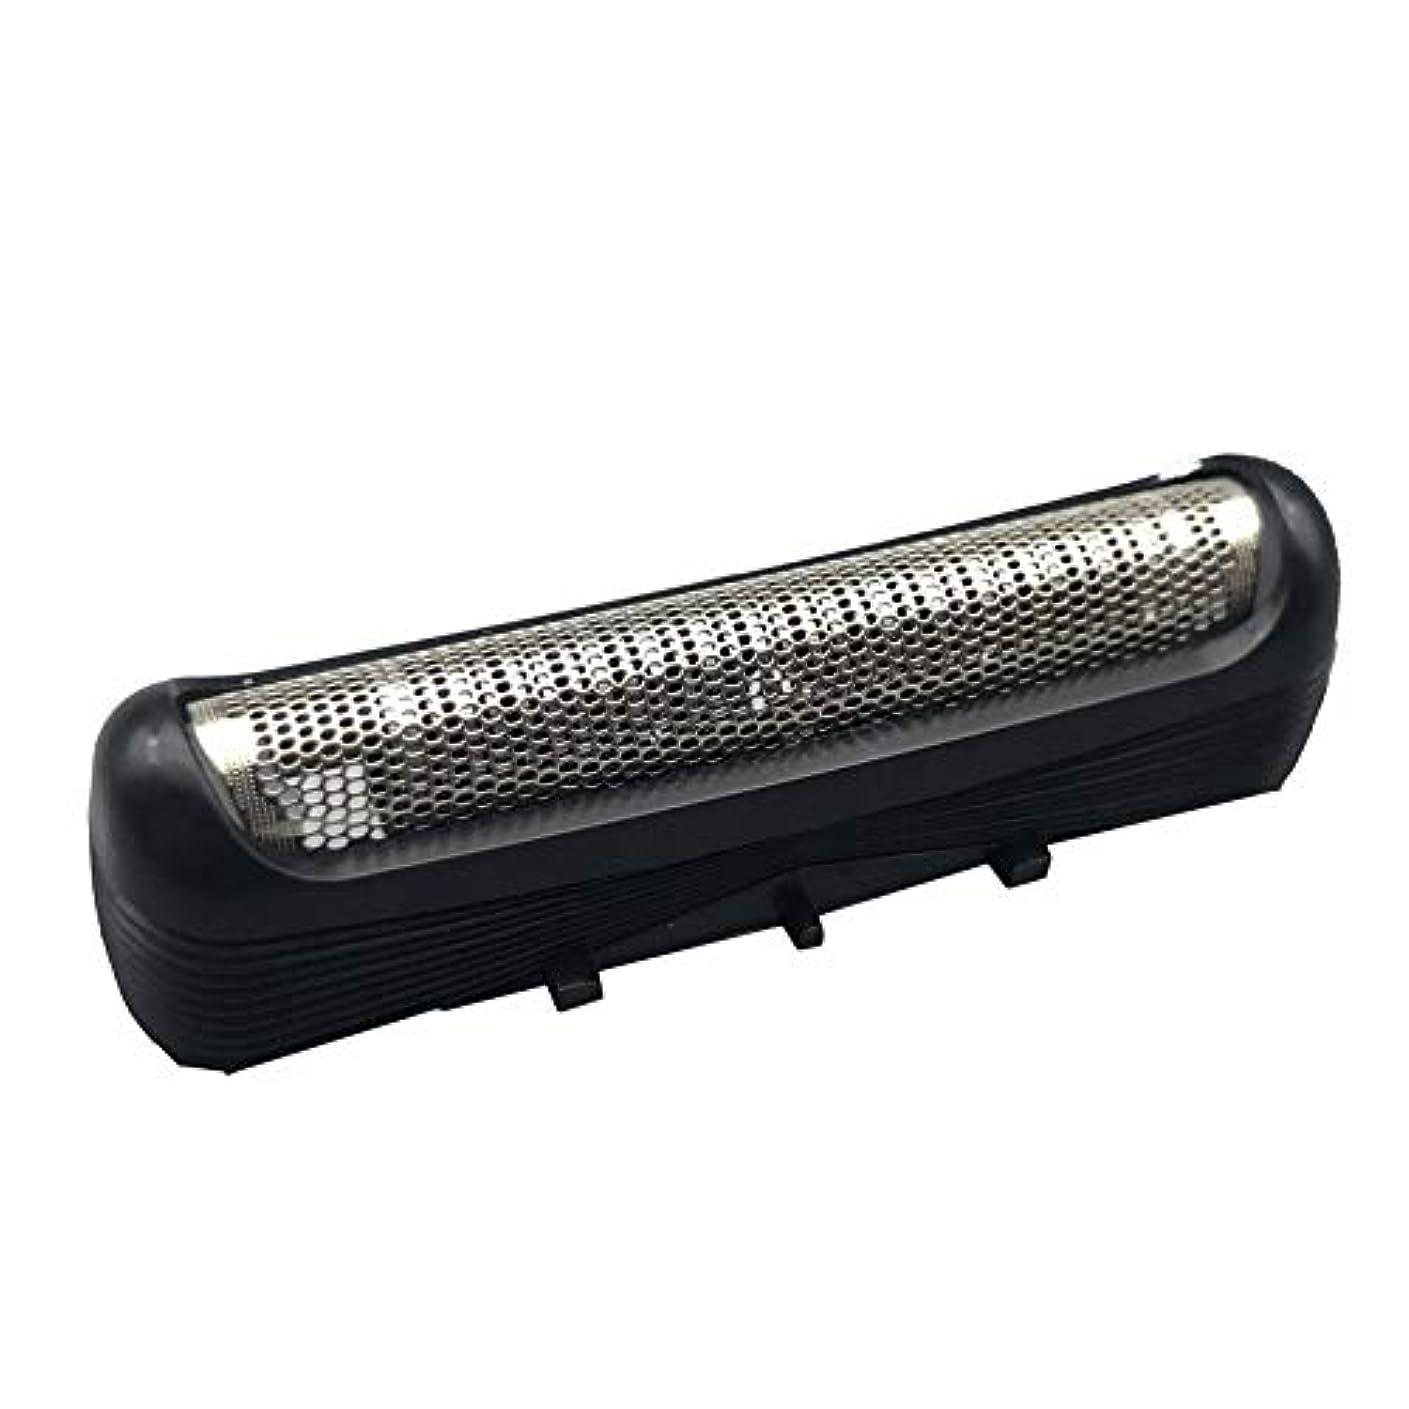 抵抗力がある摘む平手打ちclouday シェーバー替刃 Braunシリーズ3用 メンズシェーバー32B用 セット刃 シェーバー交換部品 電気シェーバー交換ヘッドカミソリアクセサリ for Braun Series 3 hot